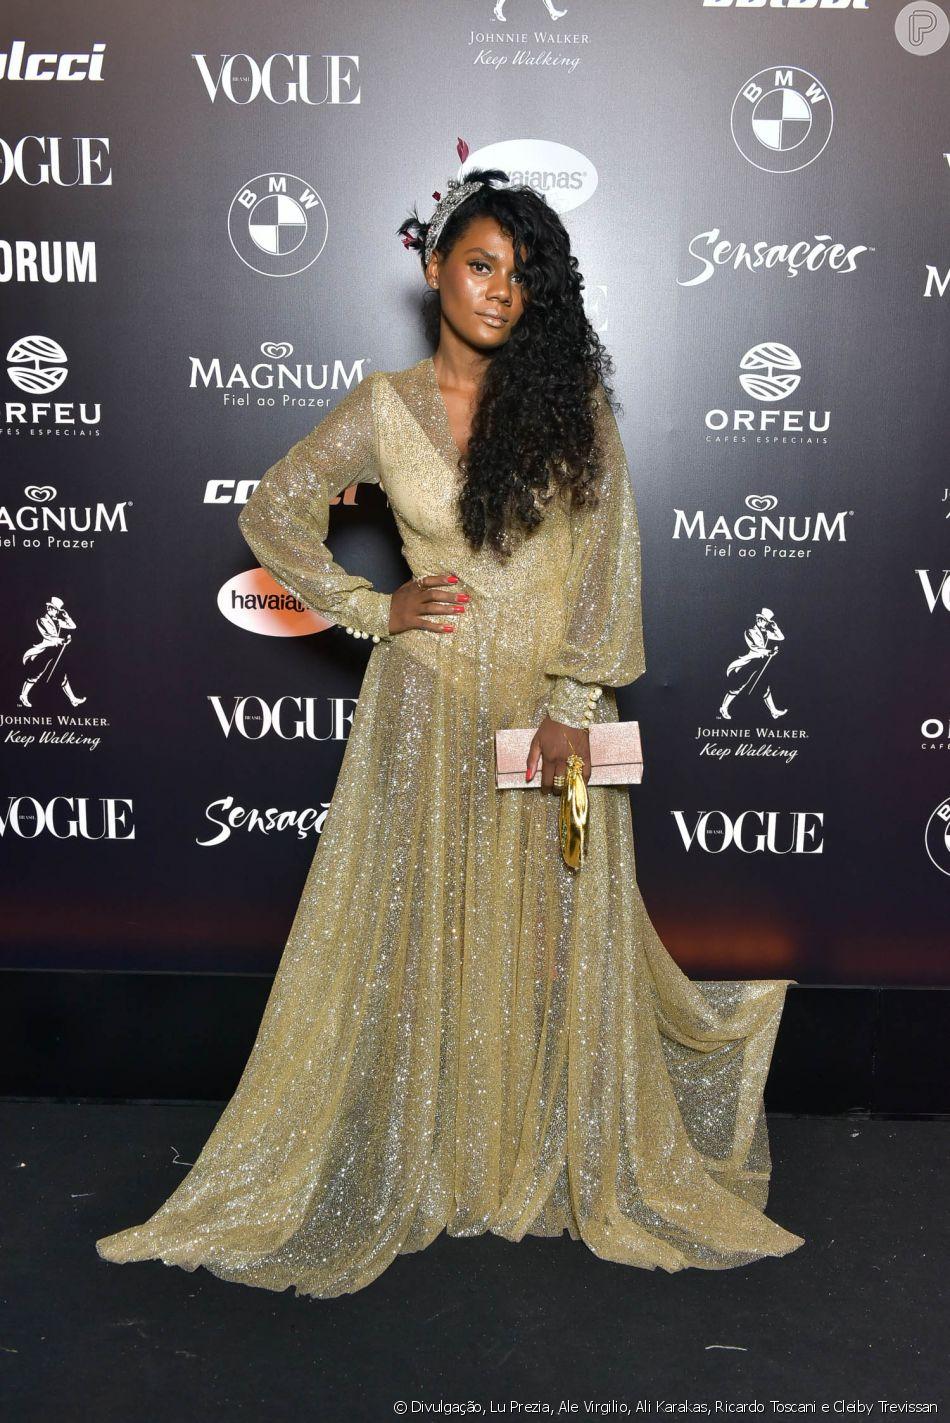 8f7dc62634161 Baile da Vogue  Camila Botelho de vestido dourado com transparência ...